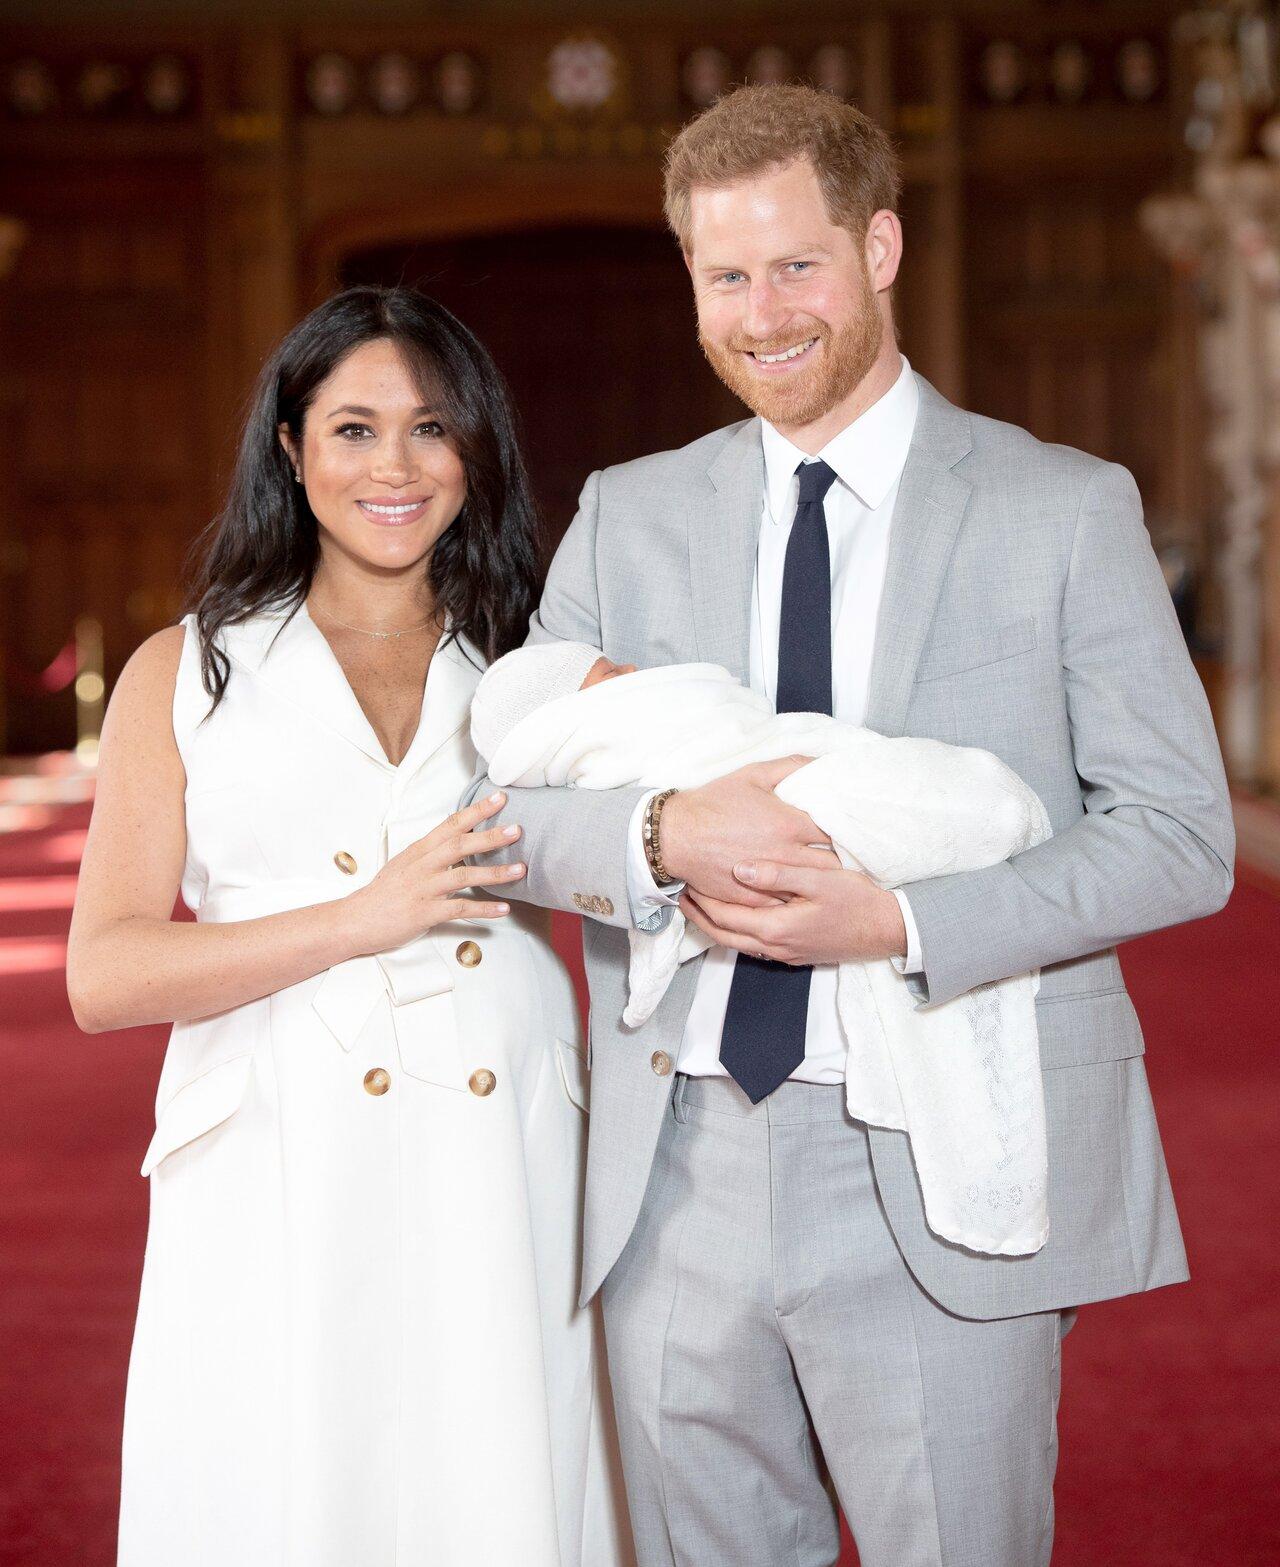 принц Гарри с супругой Меган и сыном Арчи